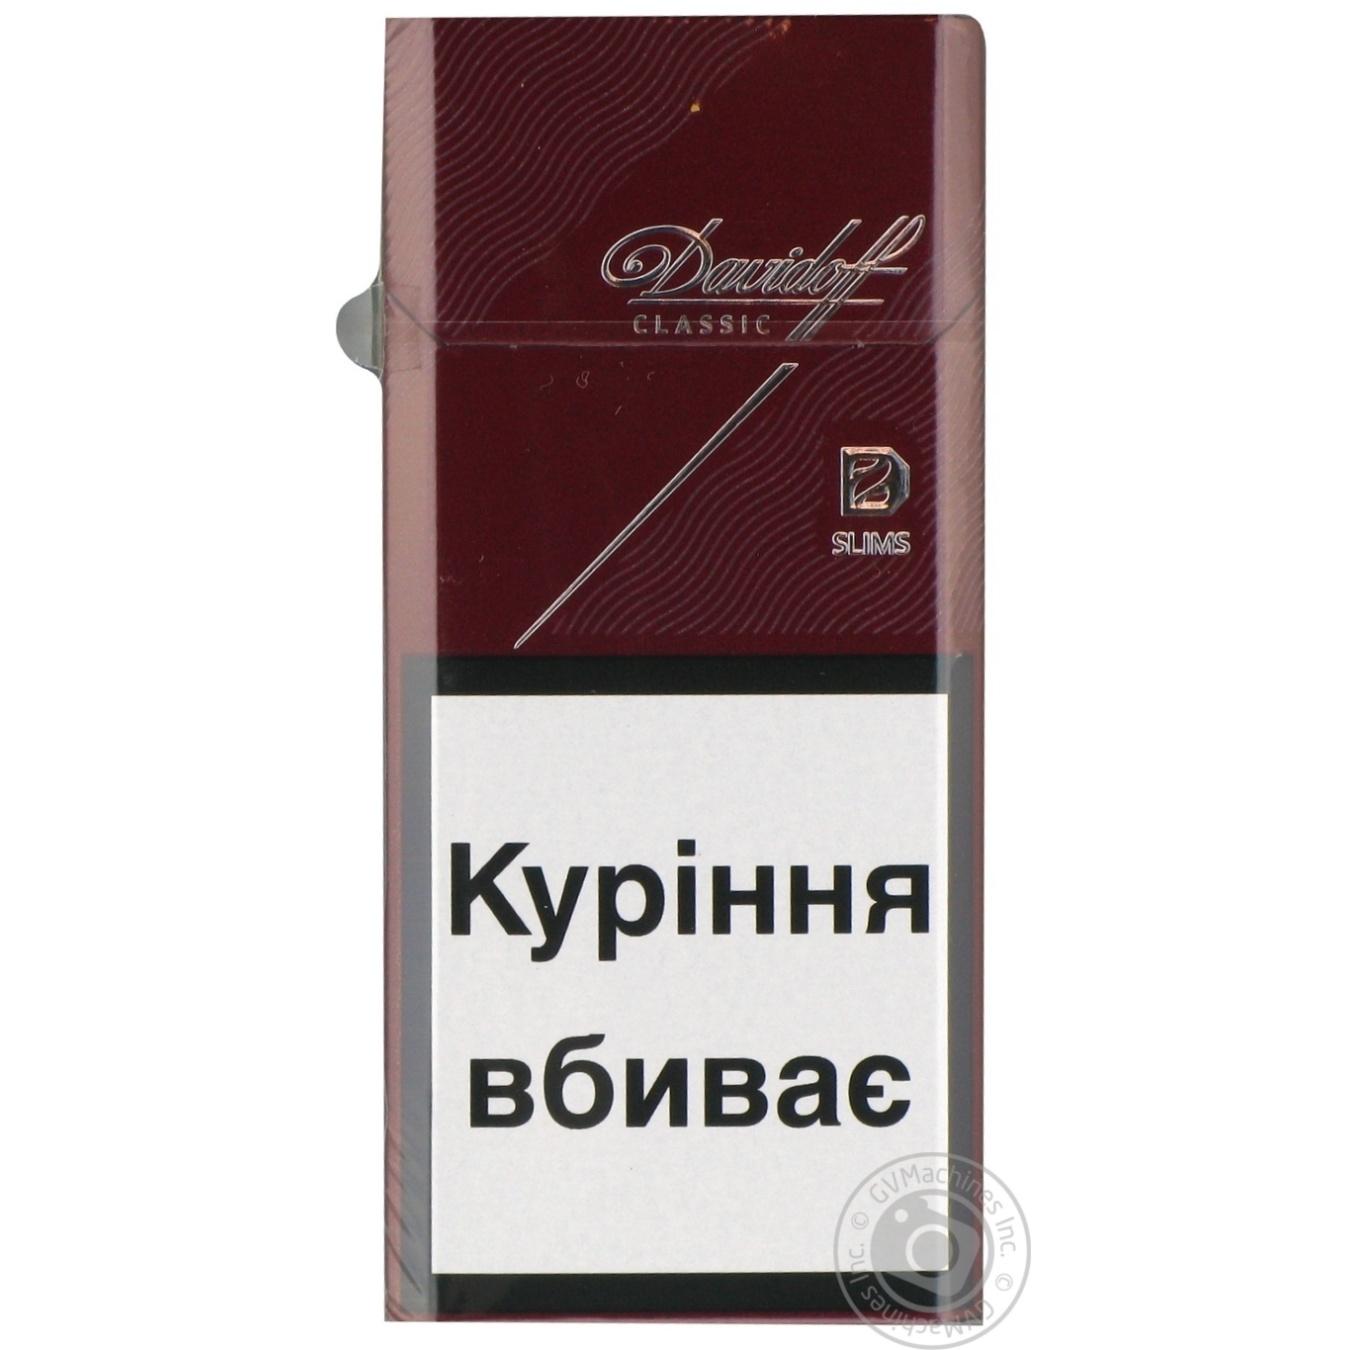 Cigarettes Davidoff Classic 20pcs 25g → Tobacco goods